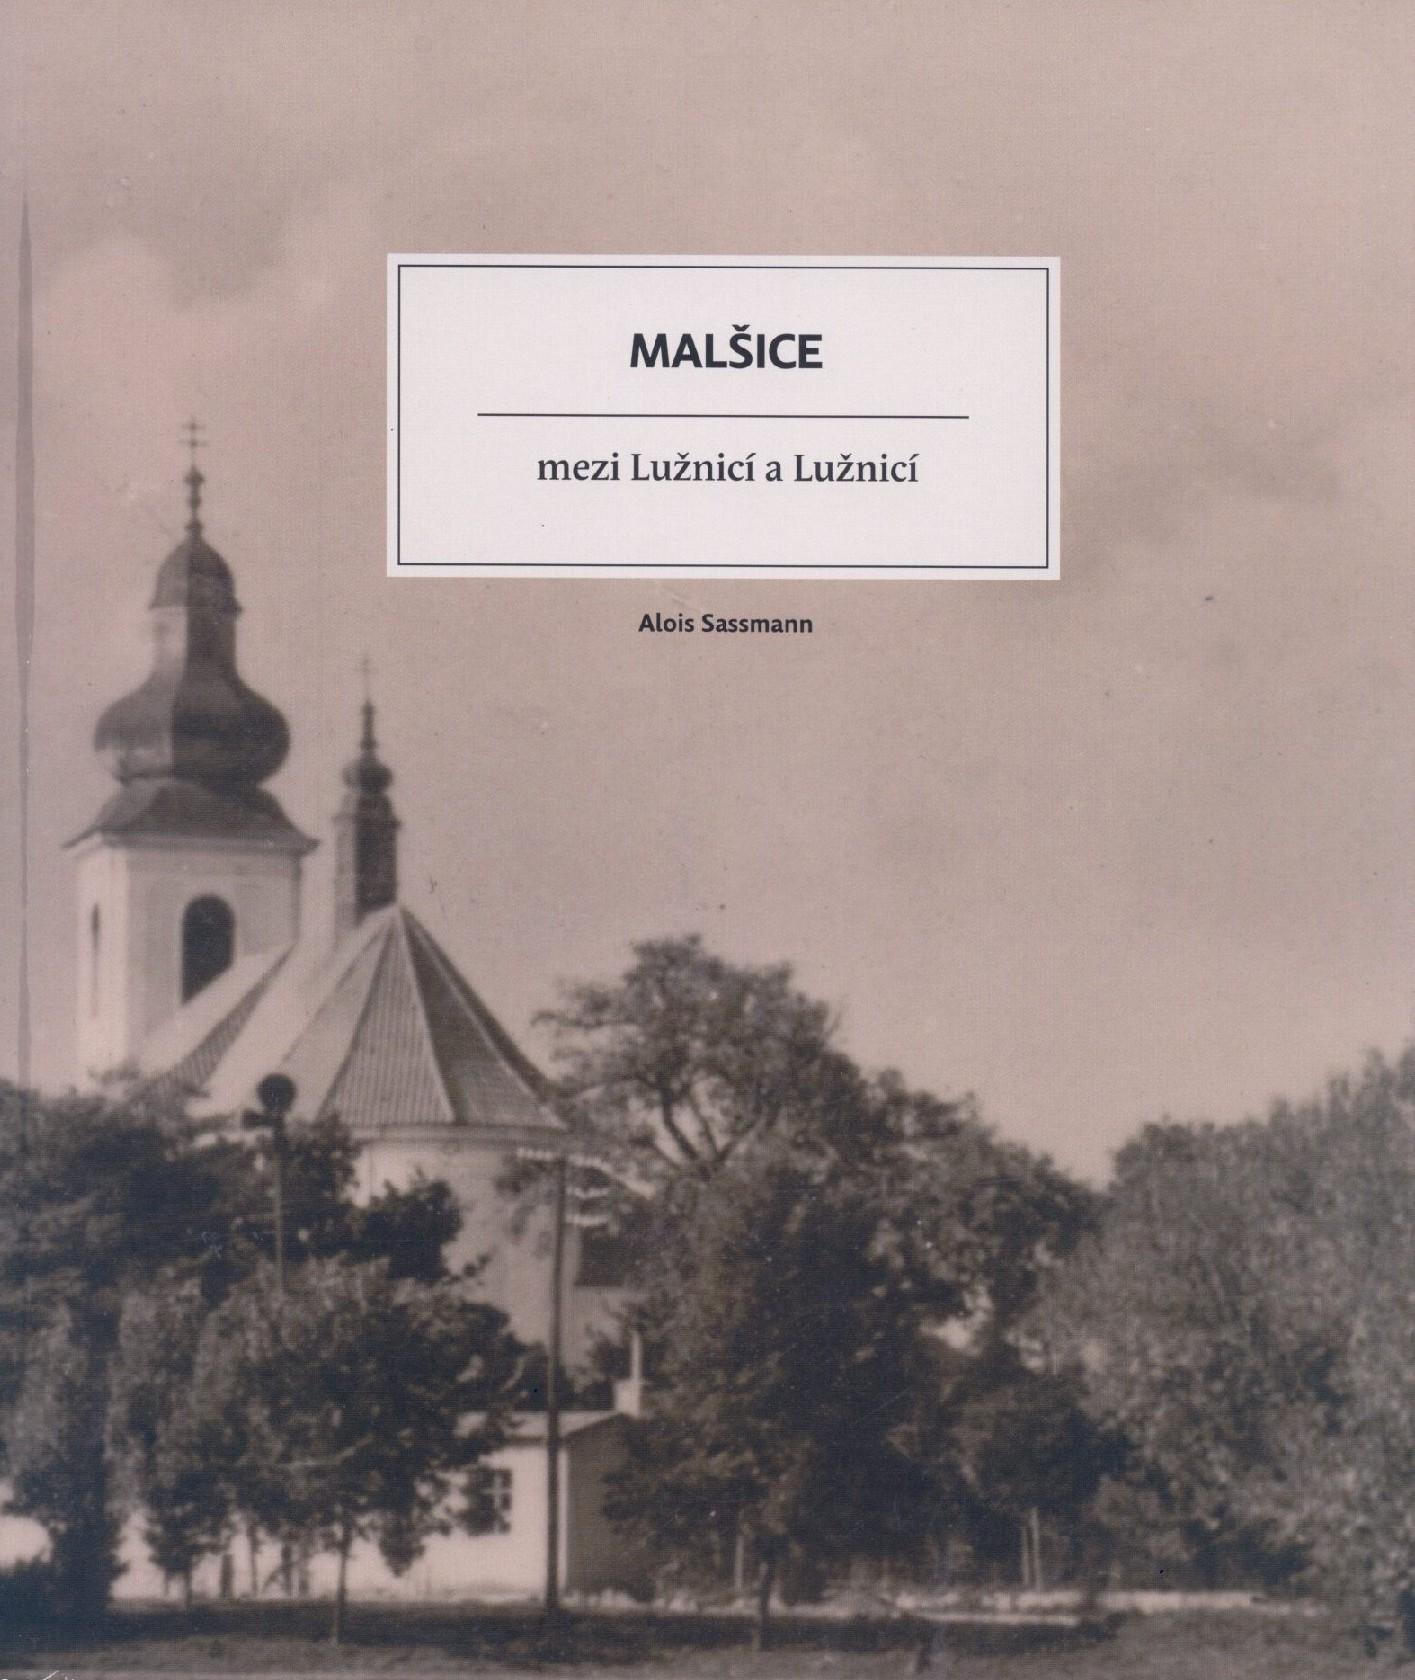 Historie městyse - kniha Malšice mezi Lužnicí a Lužnicí